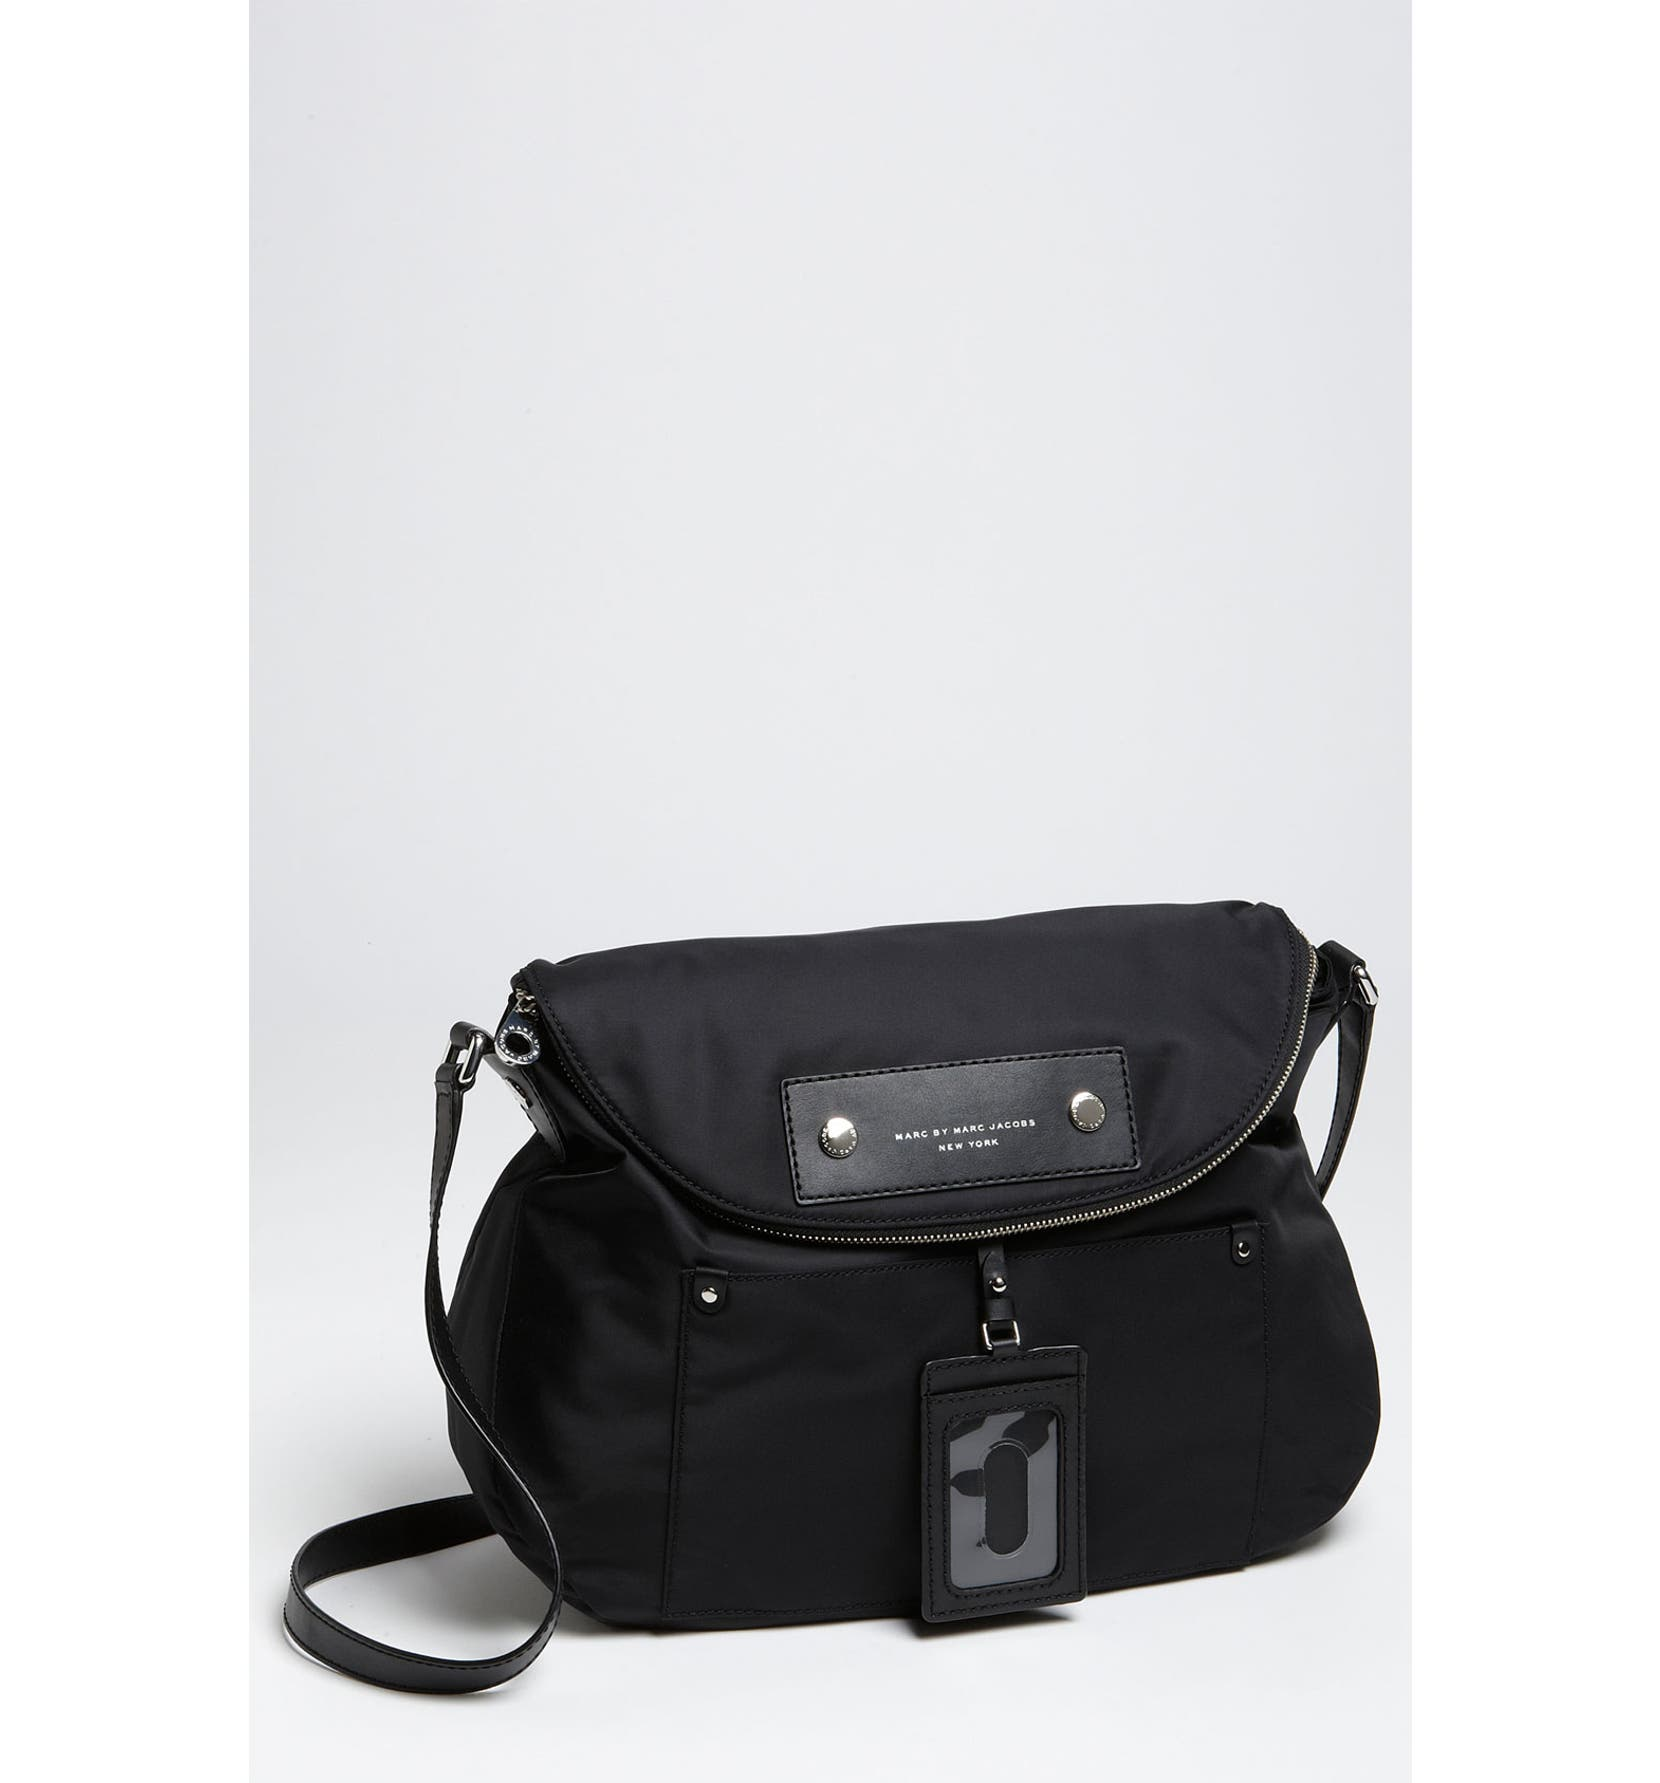 aeb4d9eb7 MARC BY MARC JACOBS 'Preppy Nylon - Sasha' Crossbody Bag | Nordstrom